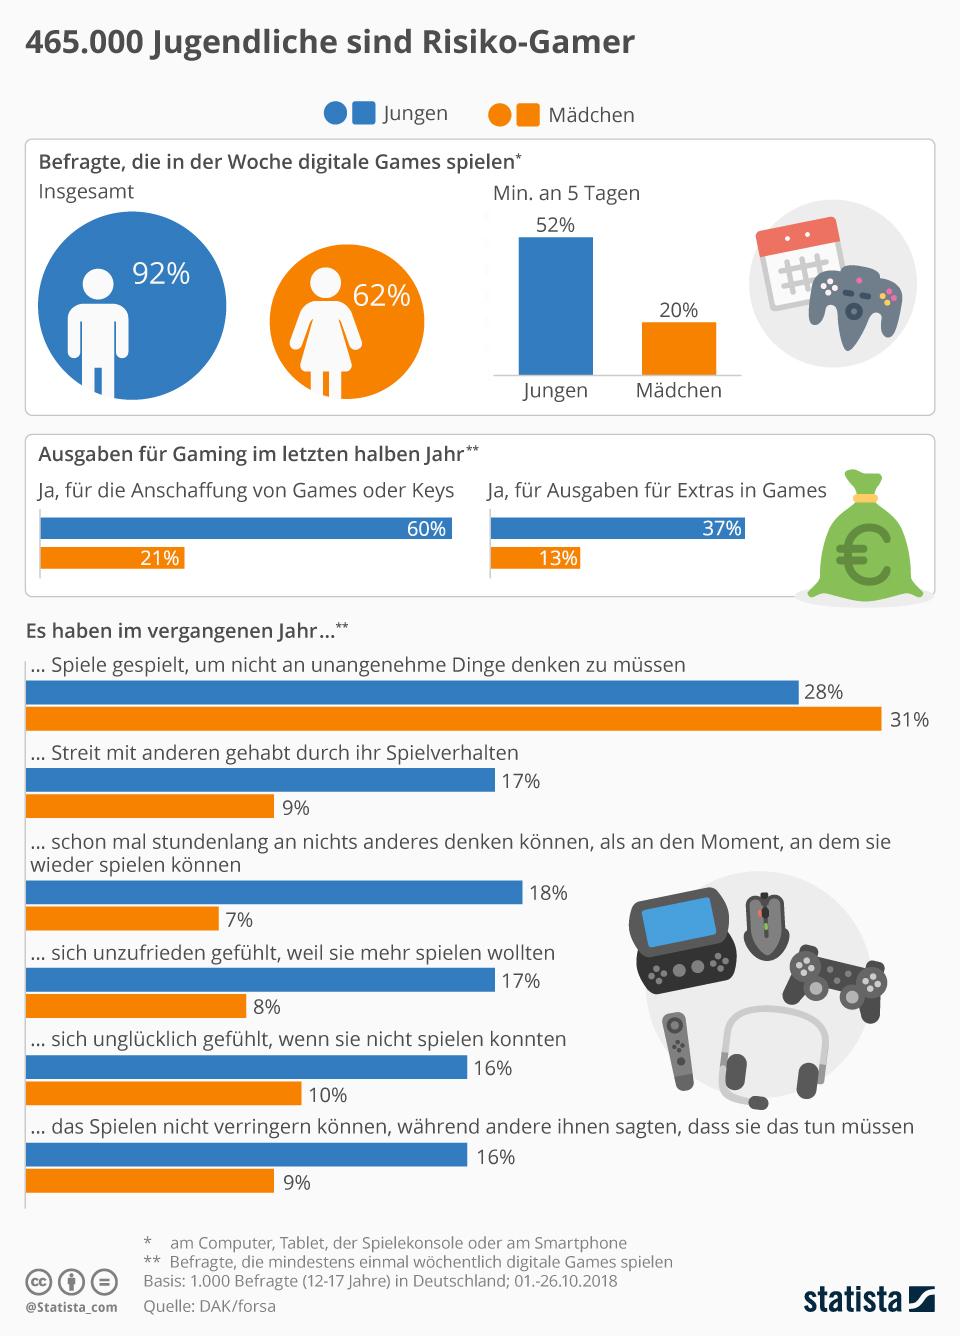 Infografik: 465.000 Jugendliche sind Risiko-Gamer | Statista